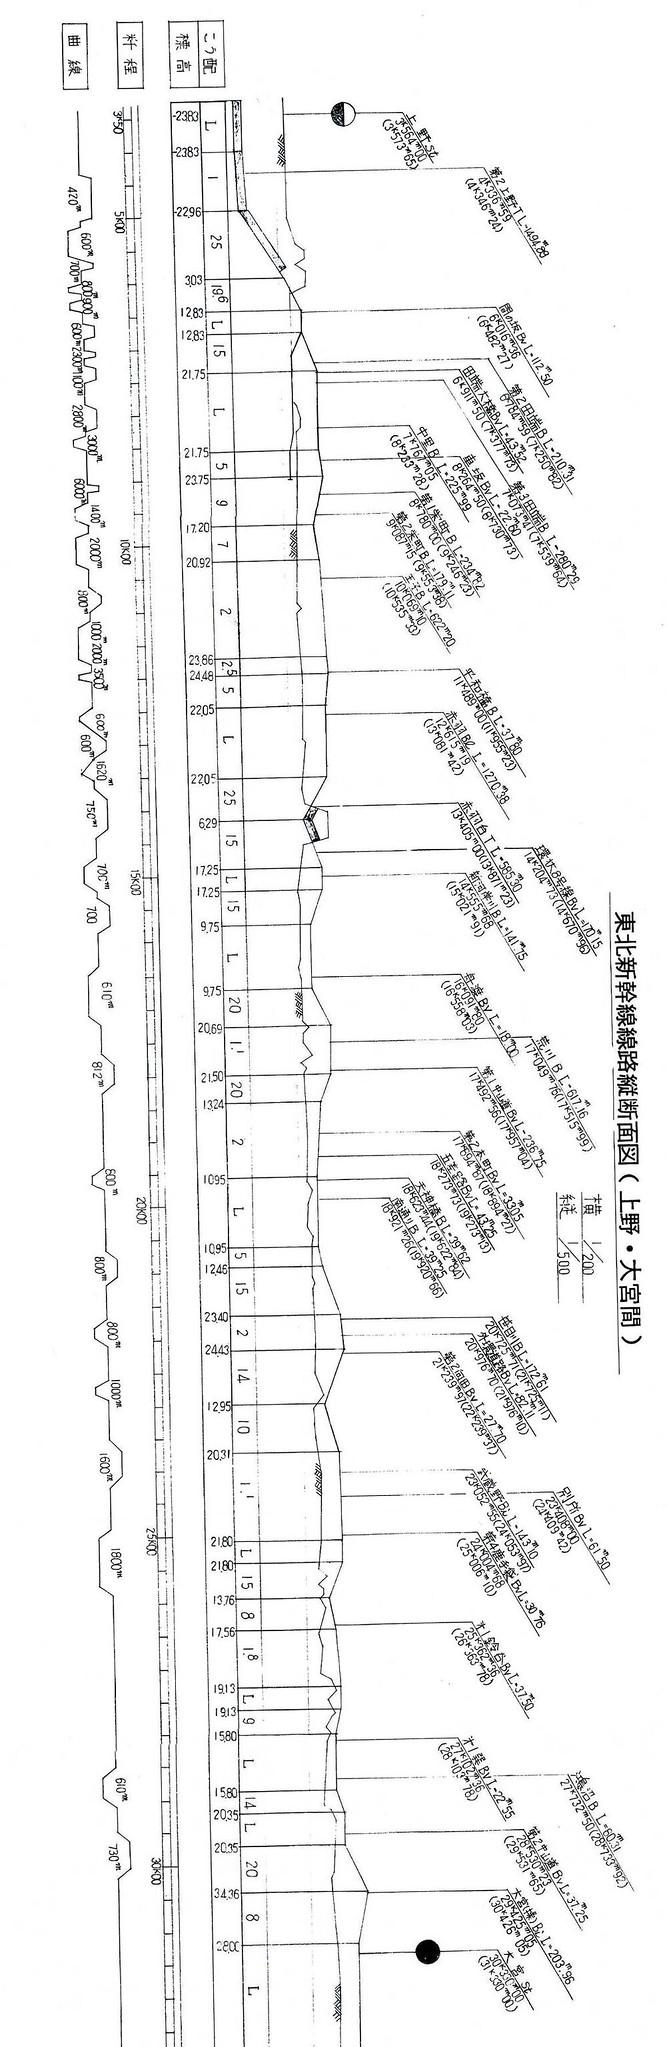 東北新幹線東京大宮間110キロ規制と線形 (21)